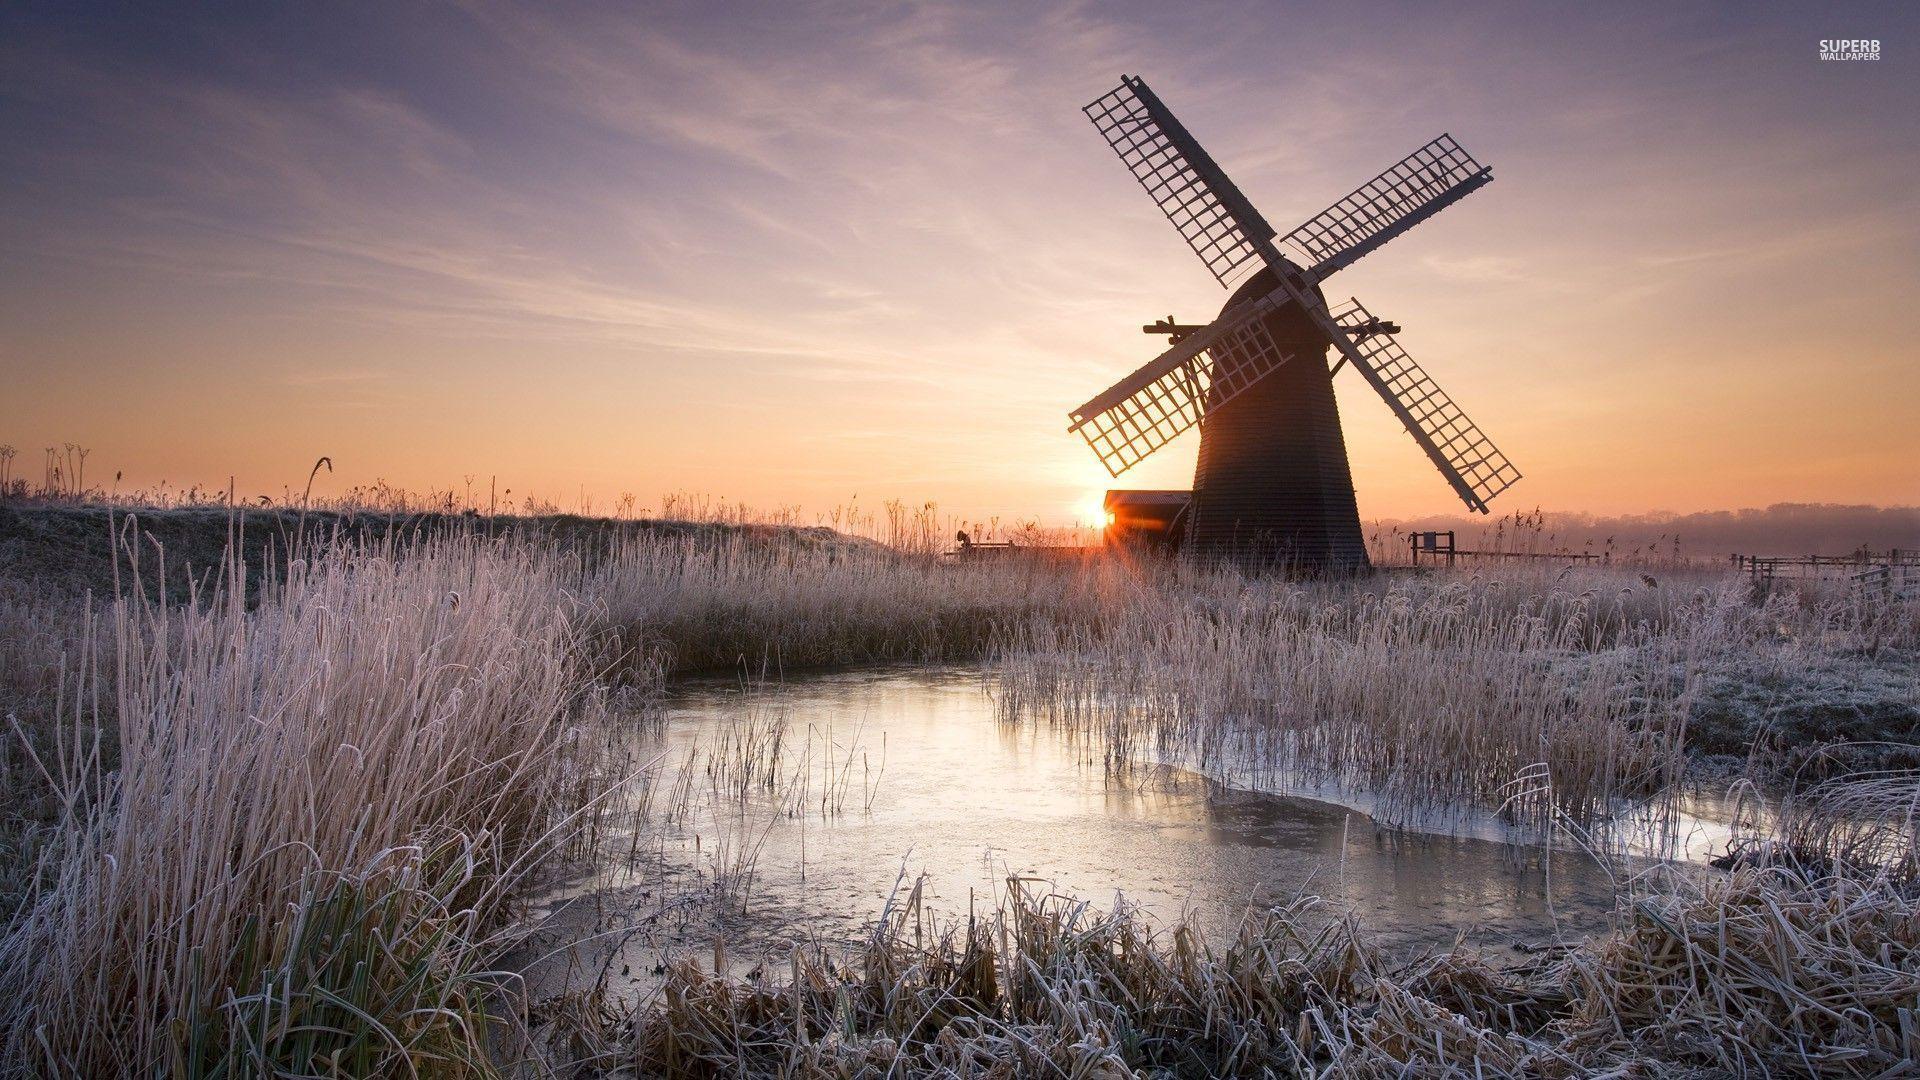 Windmill On A Frosty Morning Wallpaper Windmill Landscape Wallpaper